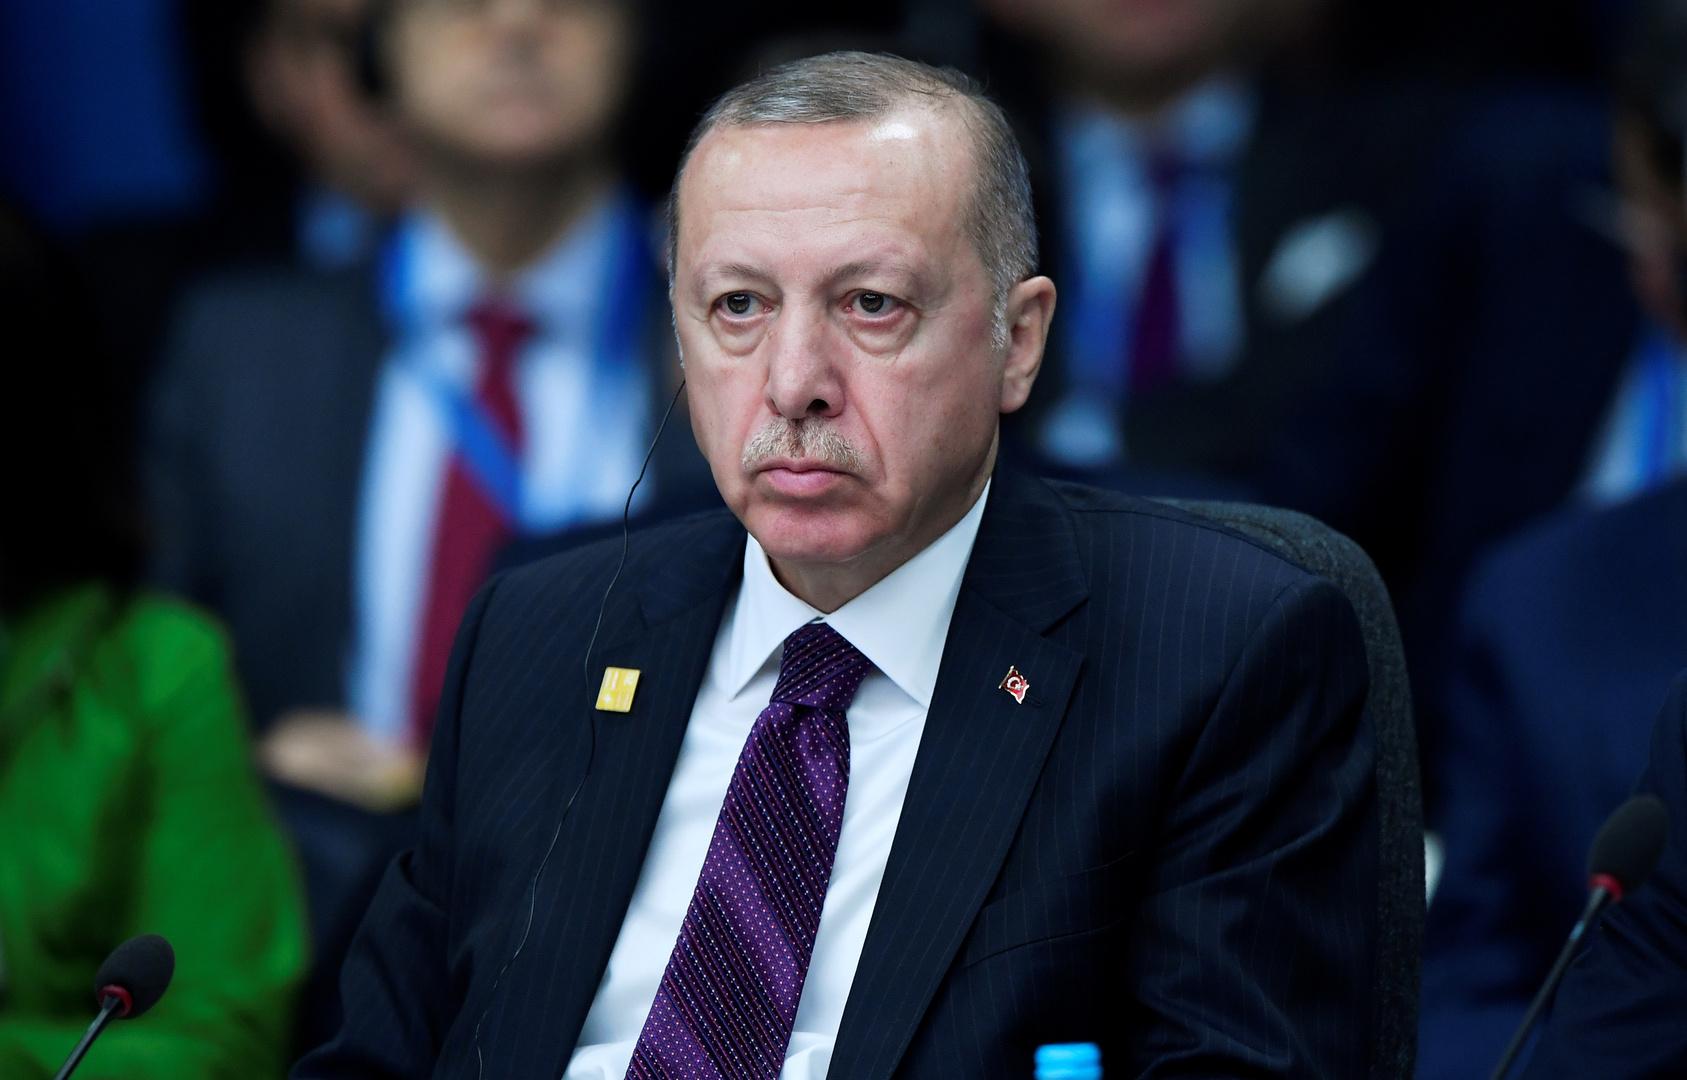 الرئيس التركي رجب طيب أردوغان خلال مشاركته في قمة زعماء دول الناتو بلندن